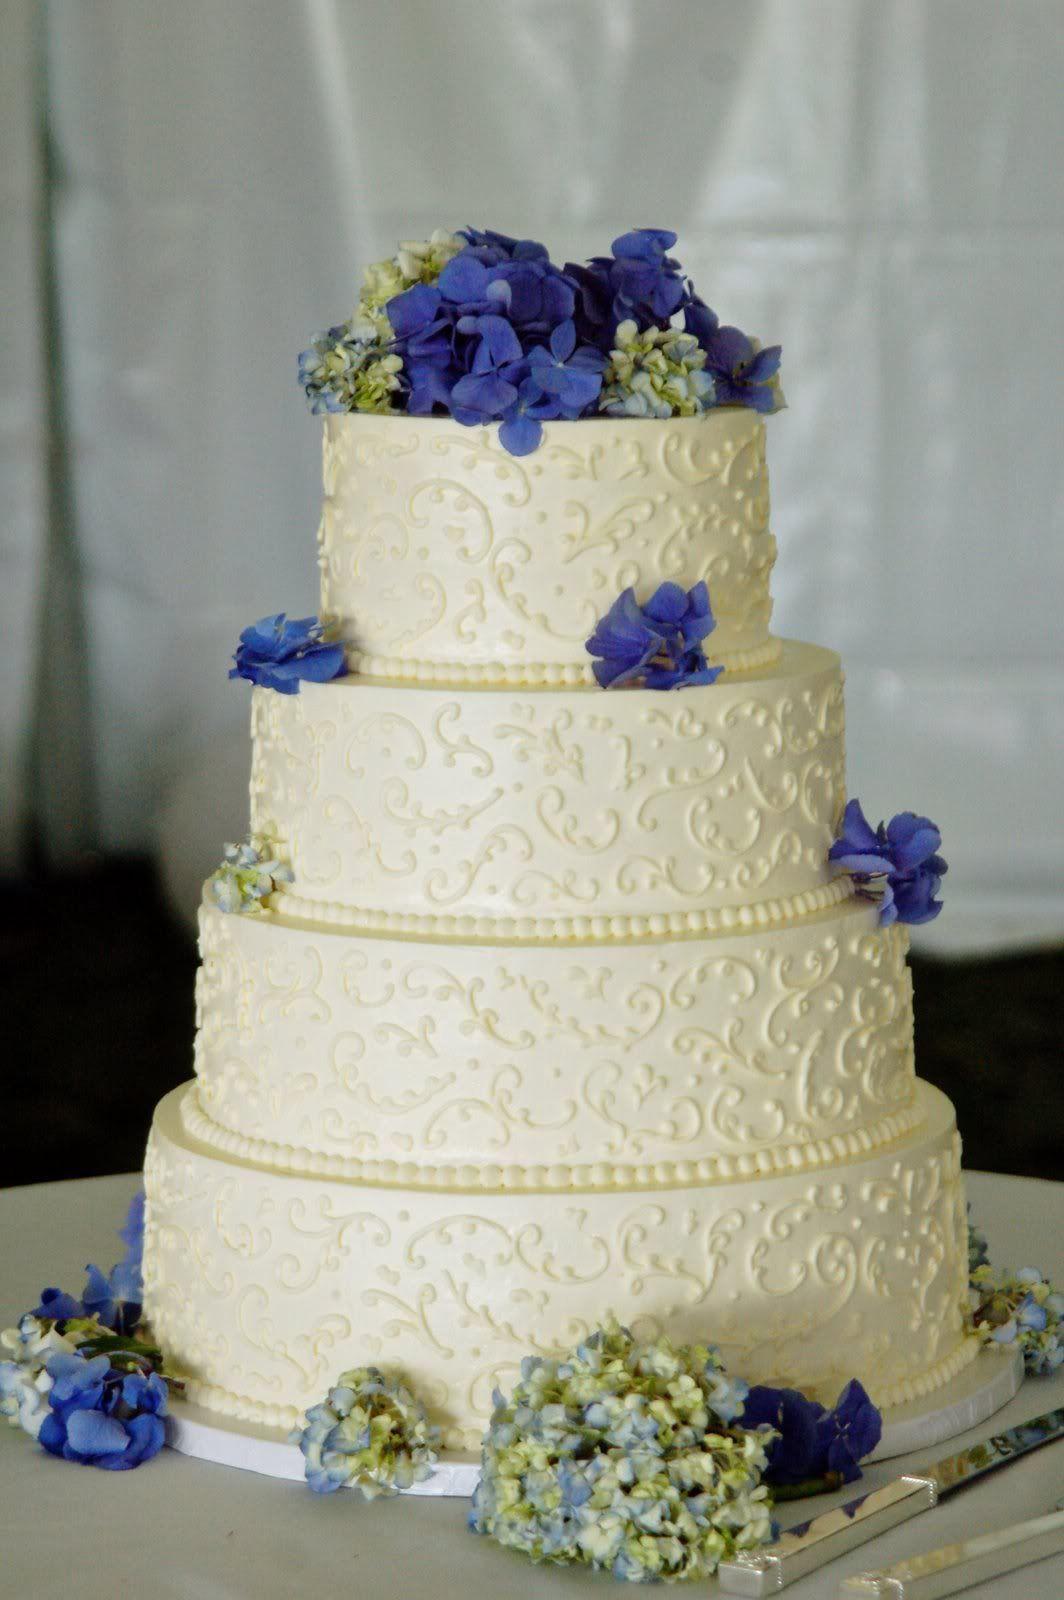 Simple Wedding Cakes Without Fondant  wedding cakes without fondant